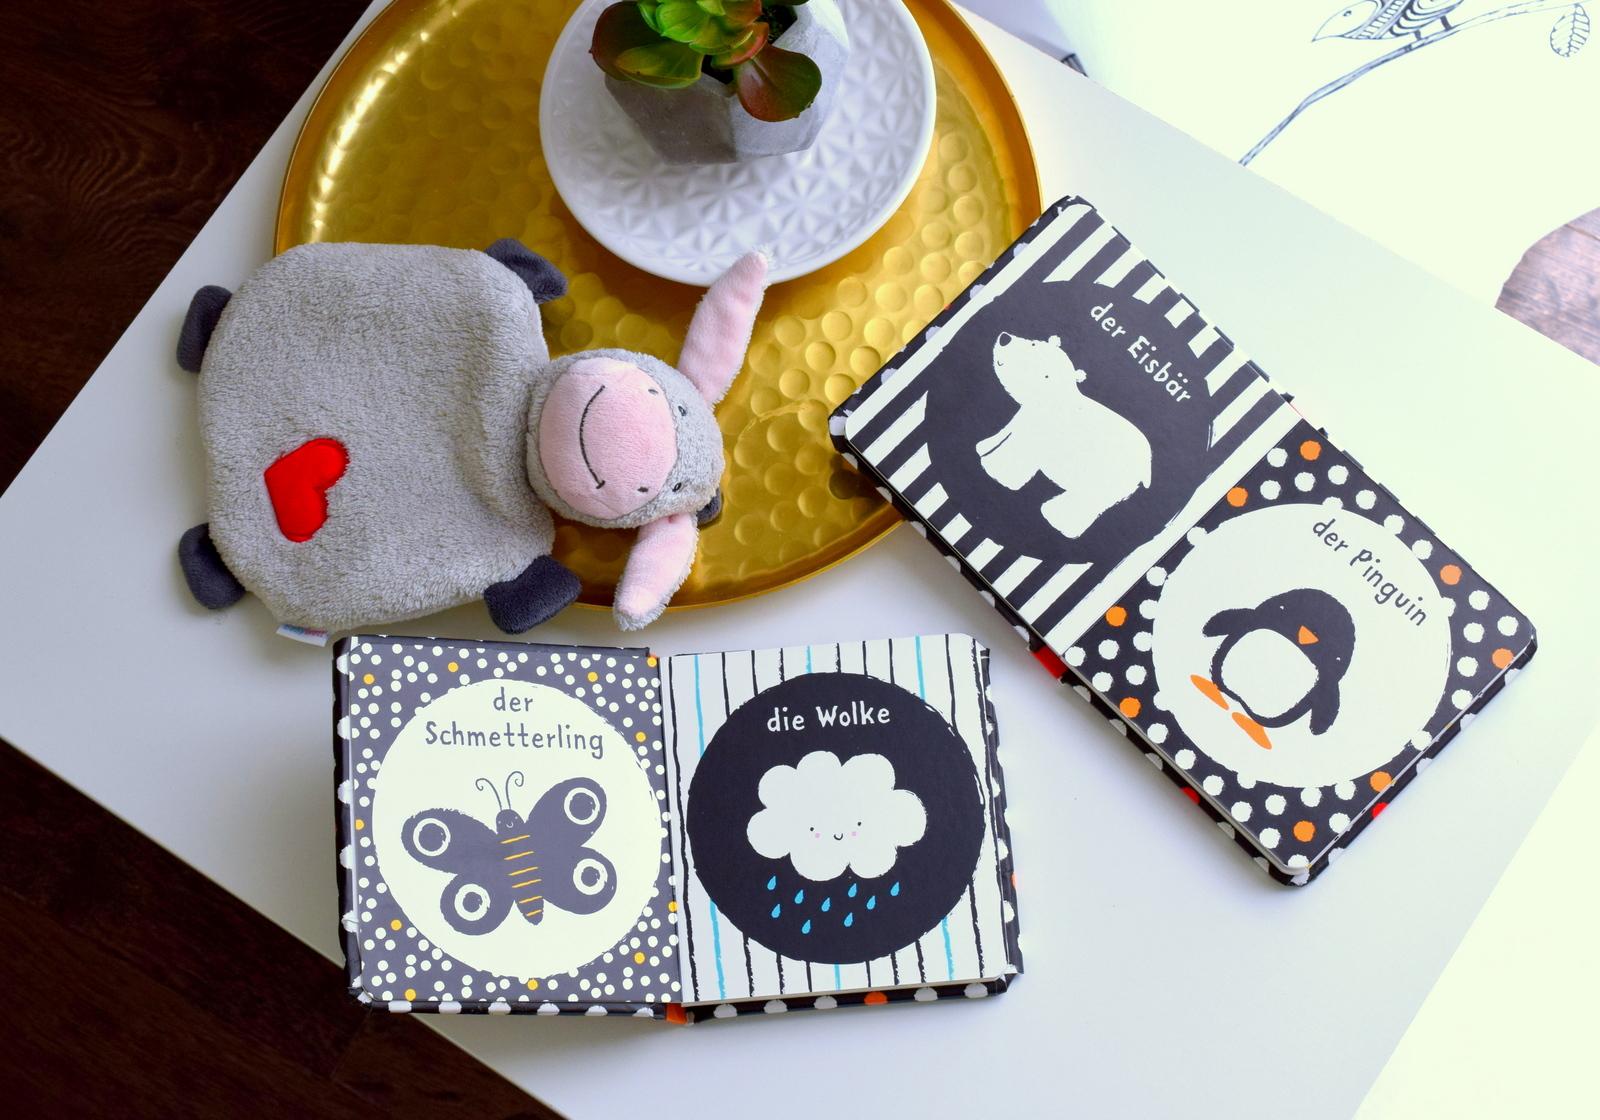 Als Geschenk Idee zur Geburt für kleine Babys sind Baby Bücher in Schwarz-Weiß super.